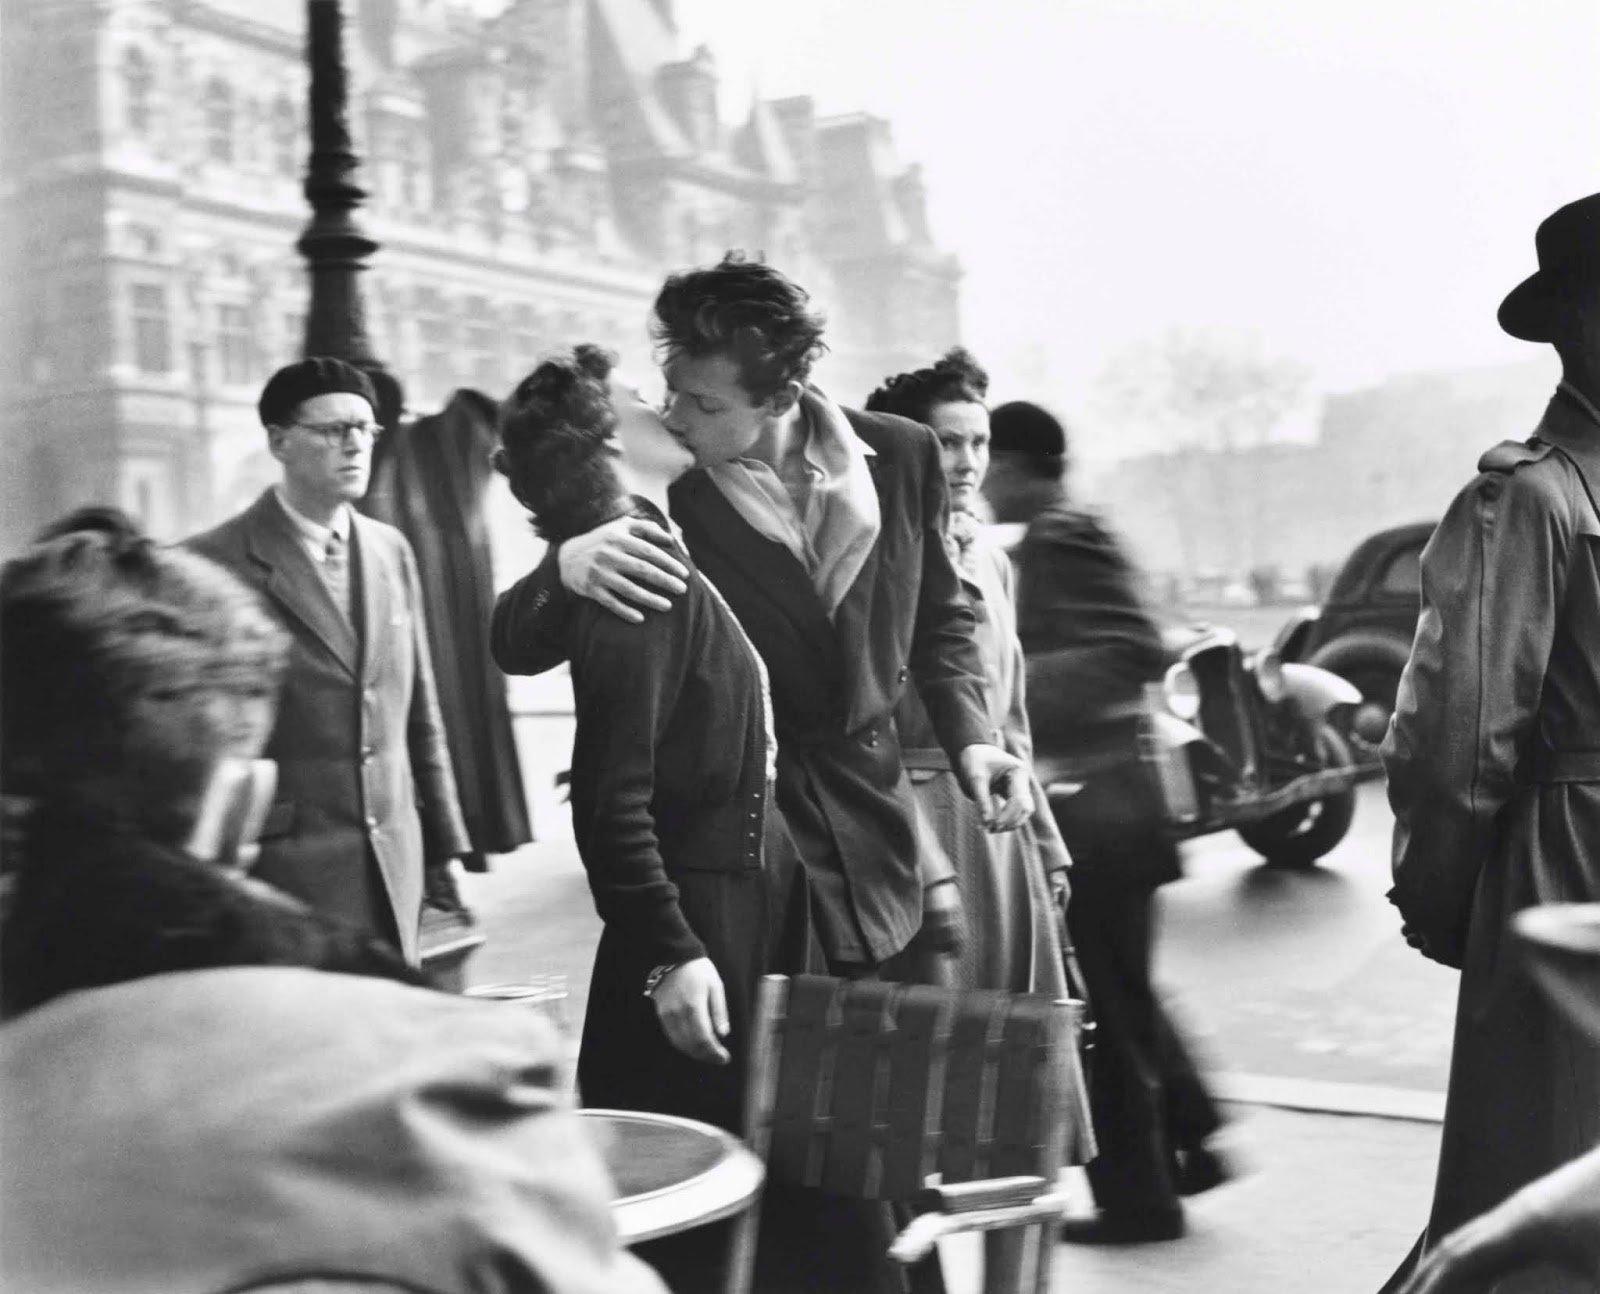 Kuss vom Hôtel de Ville, Paris 1950 © Nachlass von Robert Doisneau